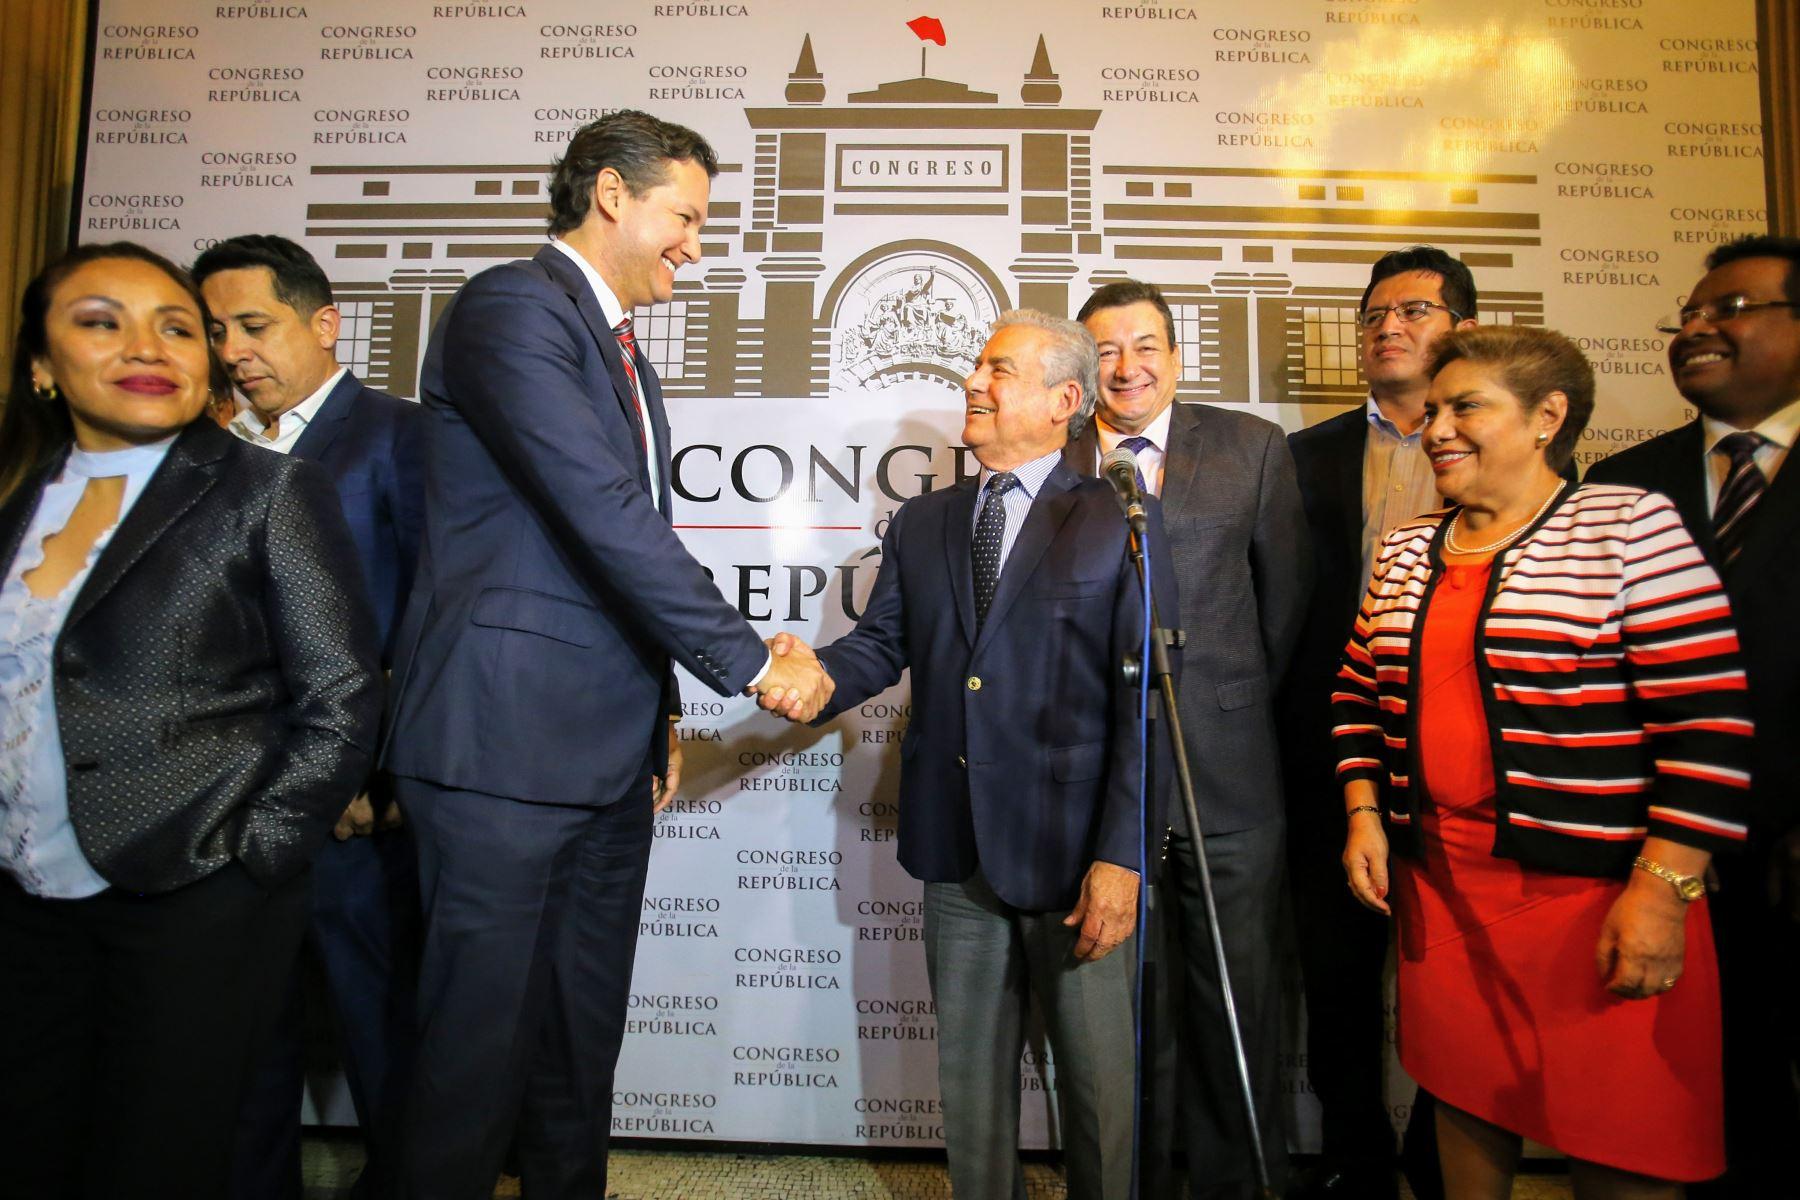 Ambas partes coincidieron en lo cordial que fue la reunión. Foto: ANDINA/Luis Iparraguirre